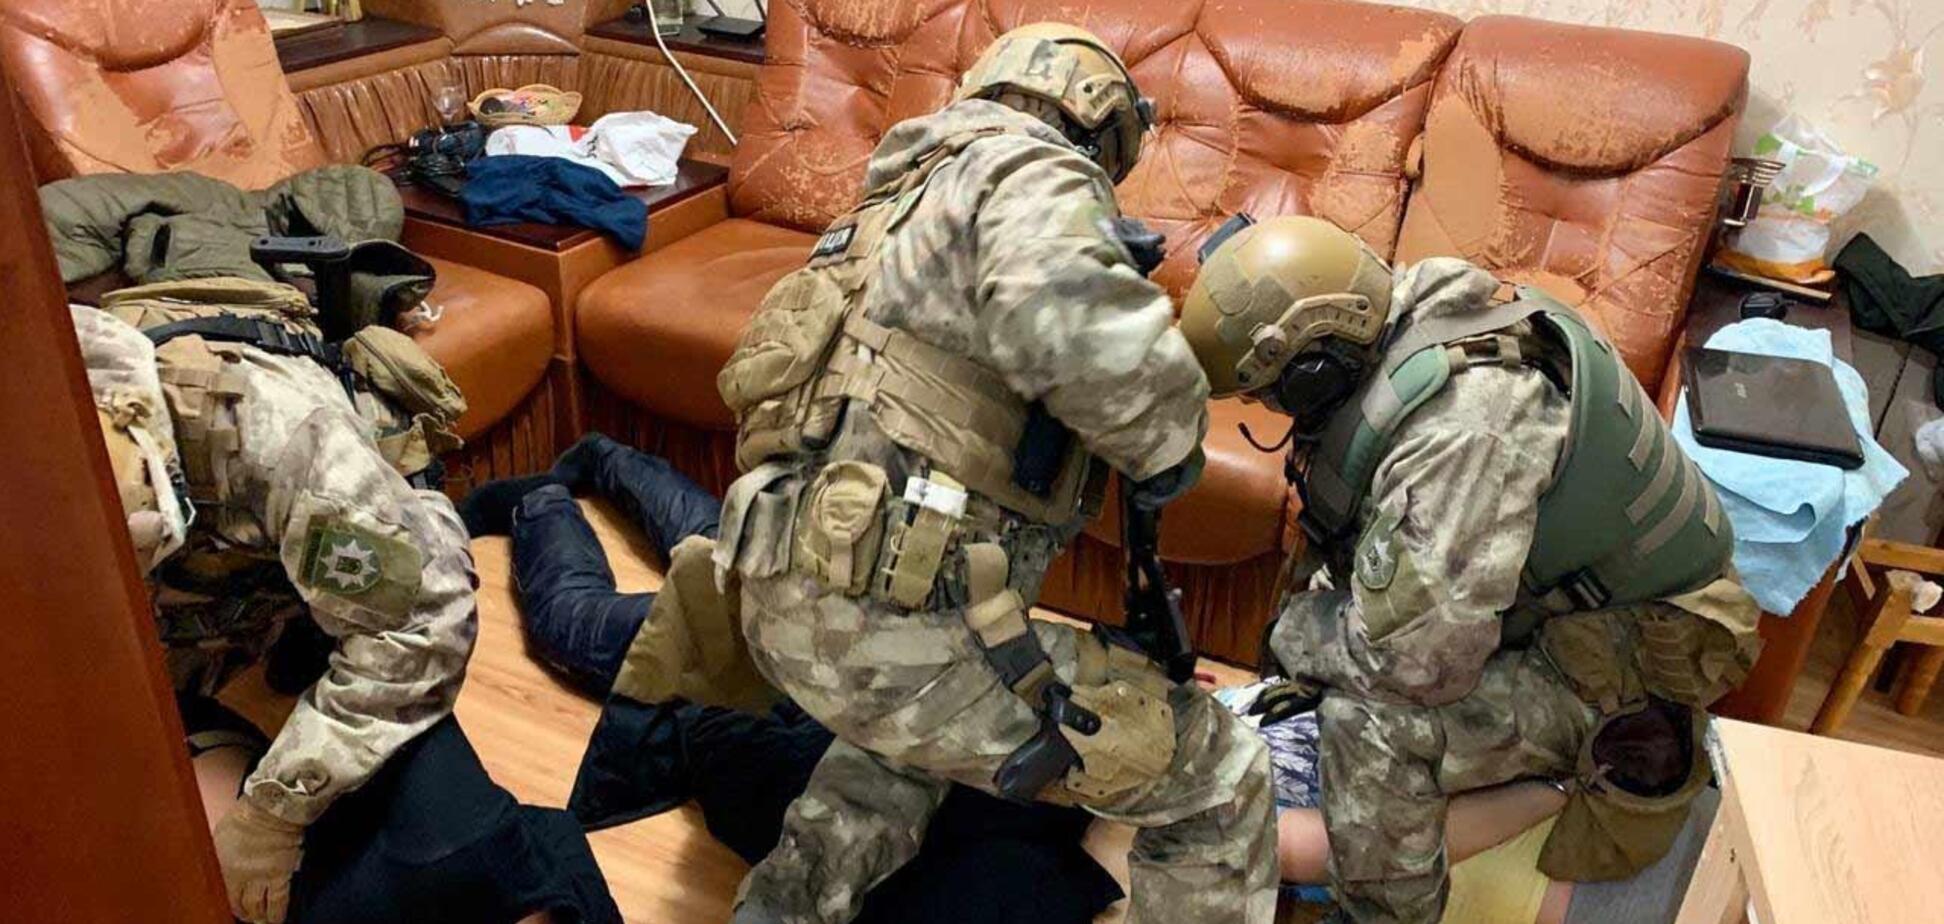 У Дніпрі затримали банду, яка влаштувала смертельну ДТП. Відео